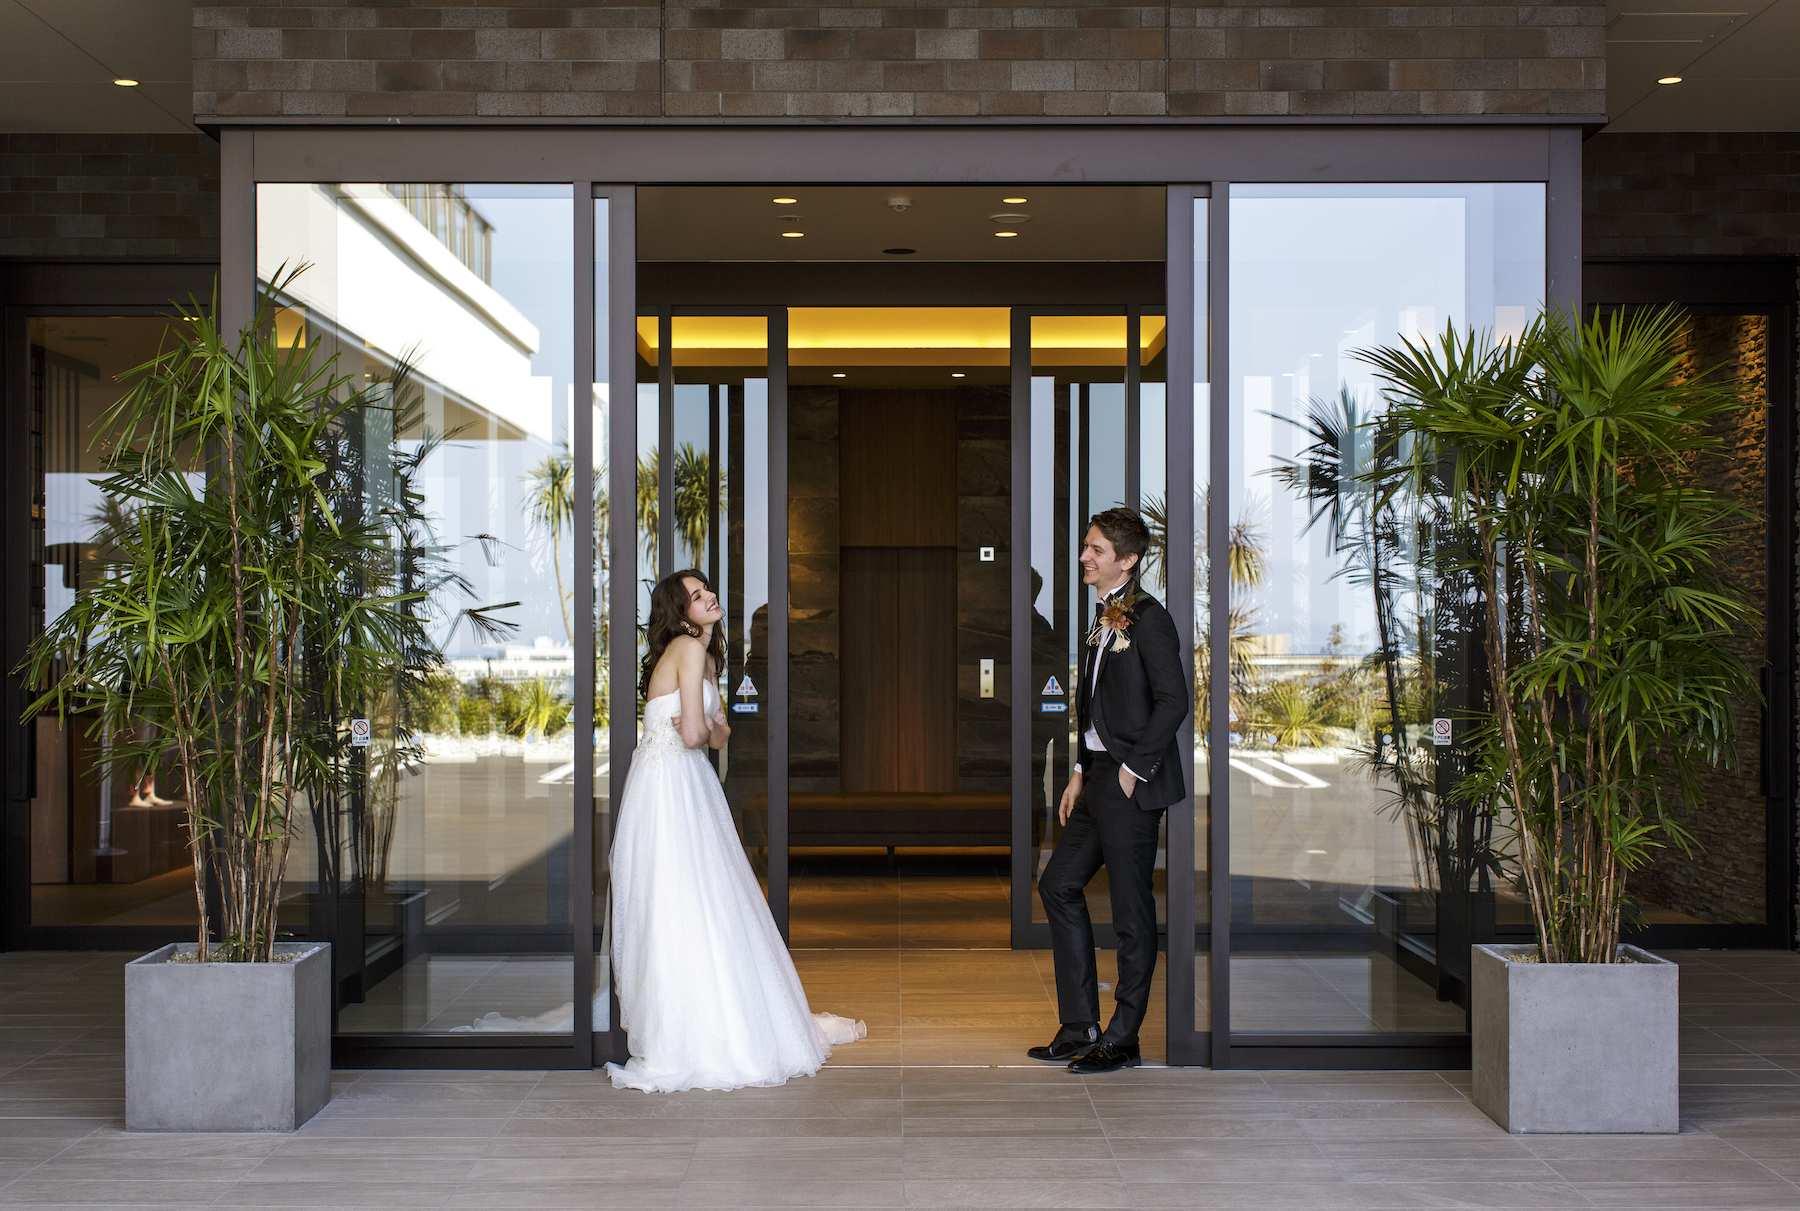 香川県高松市の結婚式場アナザースタイルの入口前